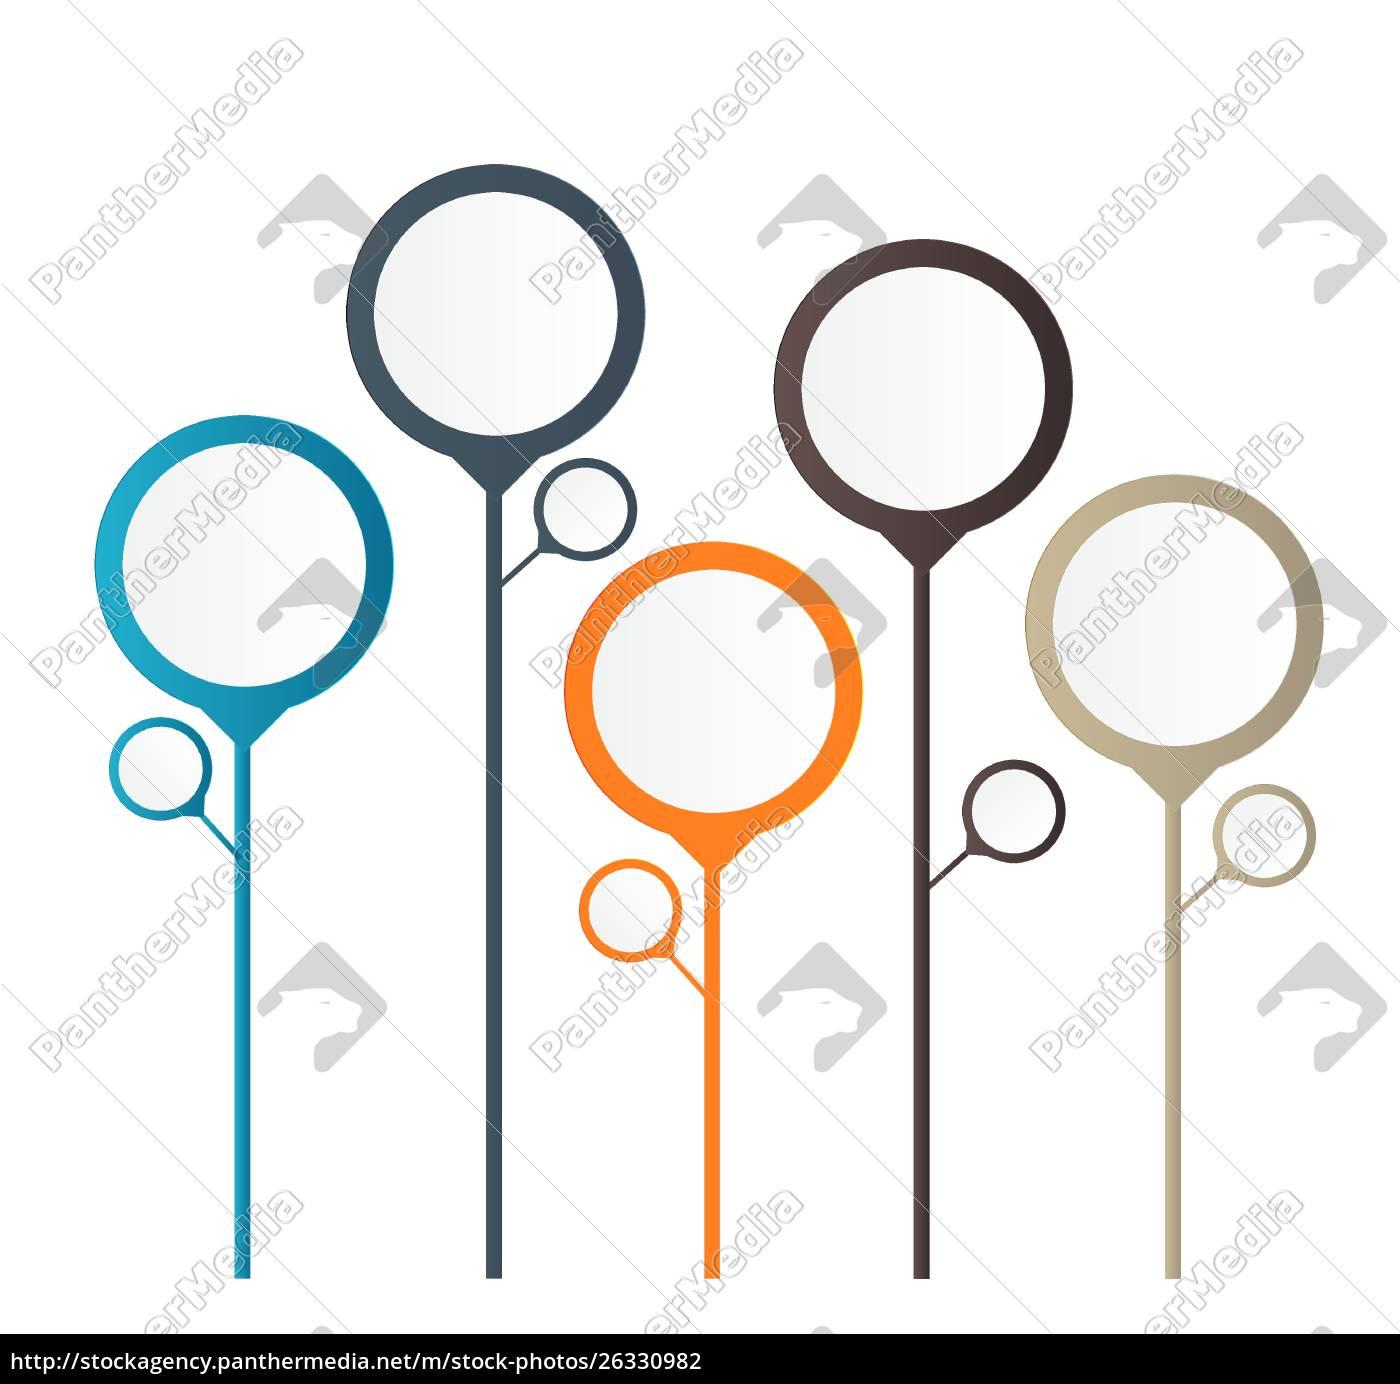 infografik, design, elementer, til, din, virksomhed, vector-illustration.., infographic, design, elementer, til, din - 26330982